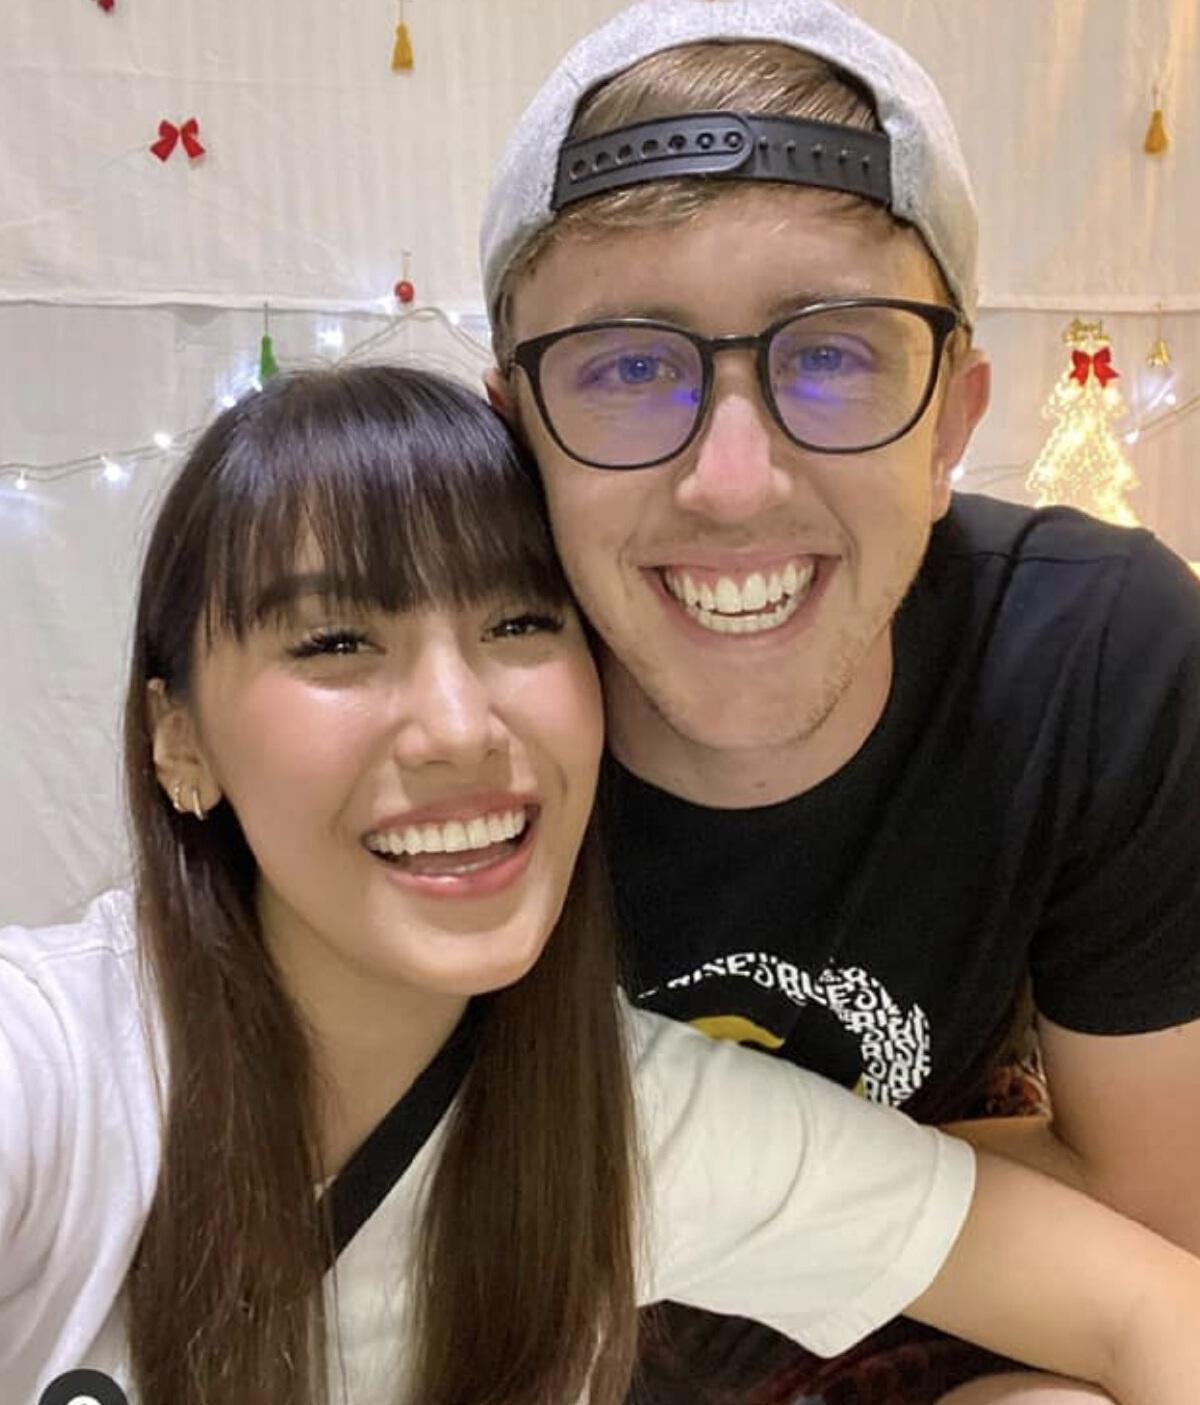 ประวัติ ลูกหมี วัลลภา ภรรยายูทูปเบอร์ดัง My Mate Nate สาวไทยหน้าคมสุดฮอต